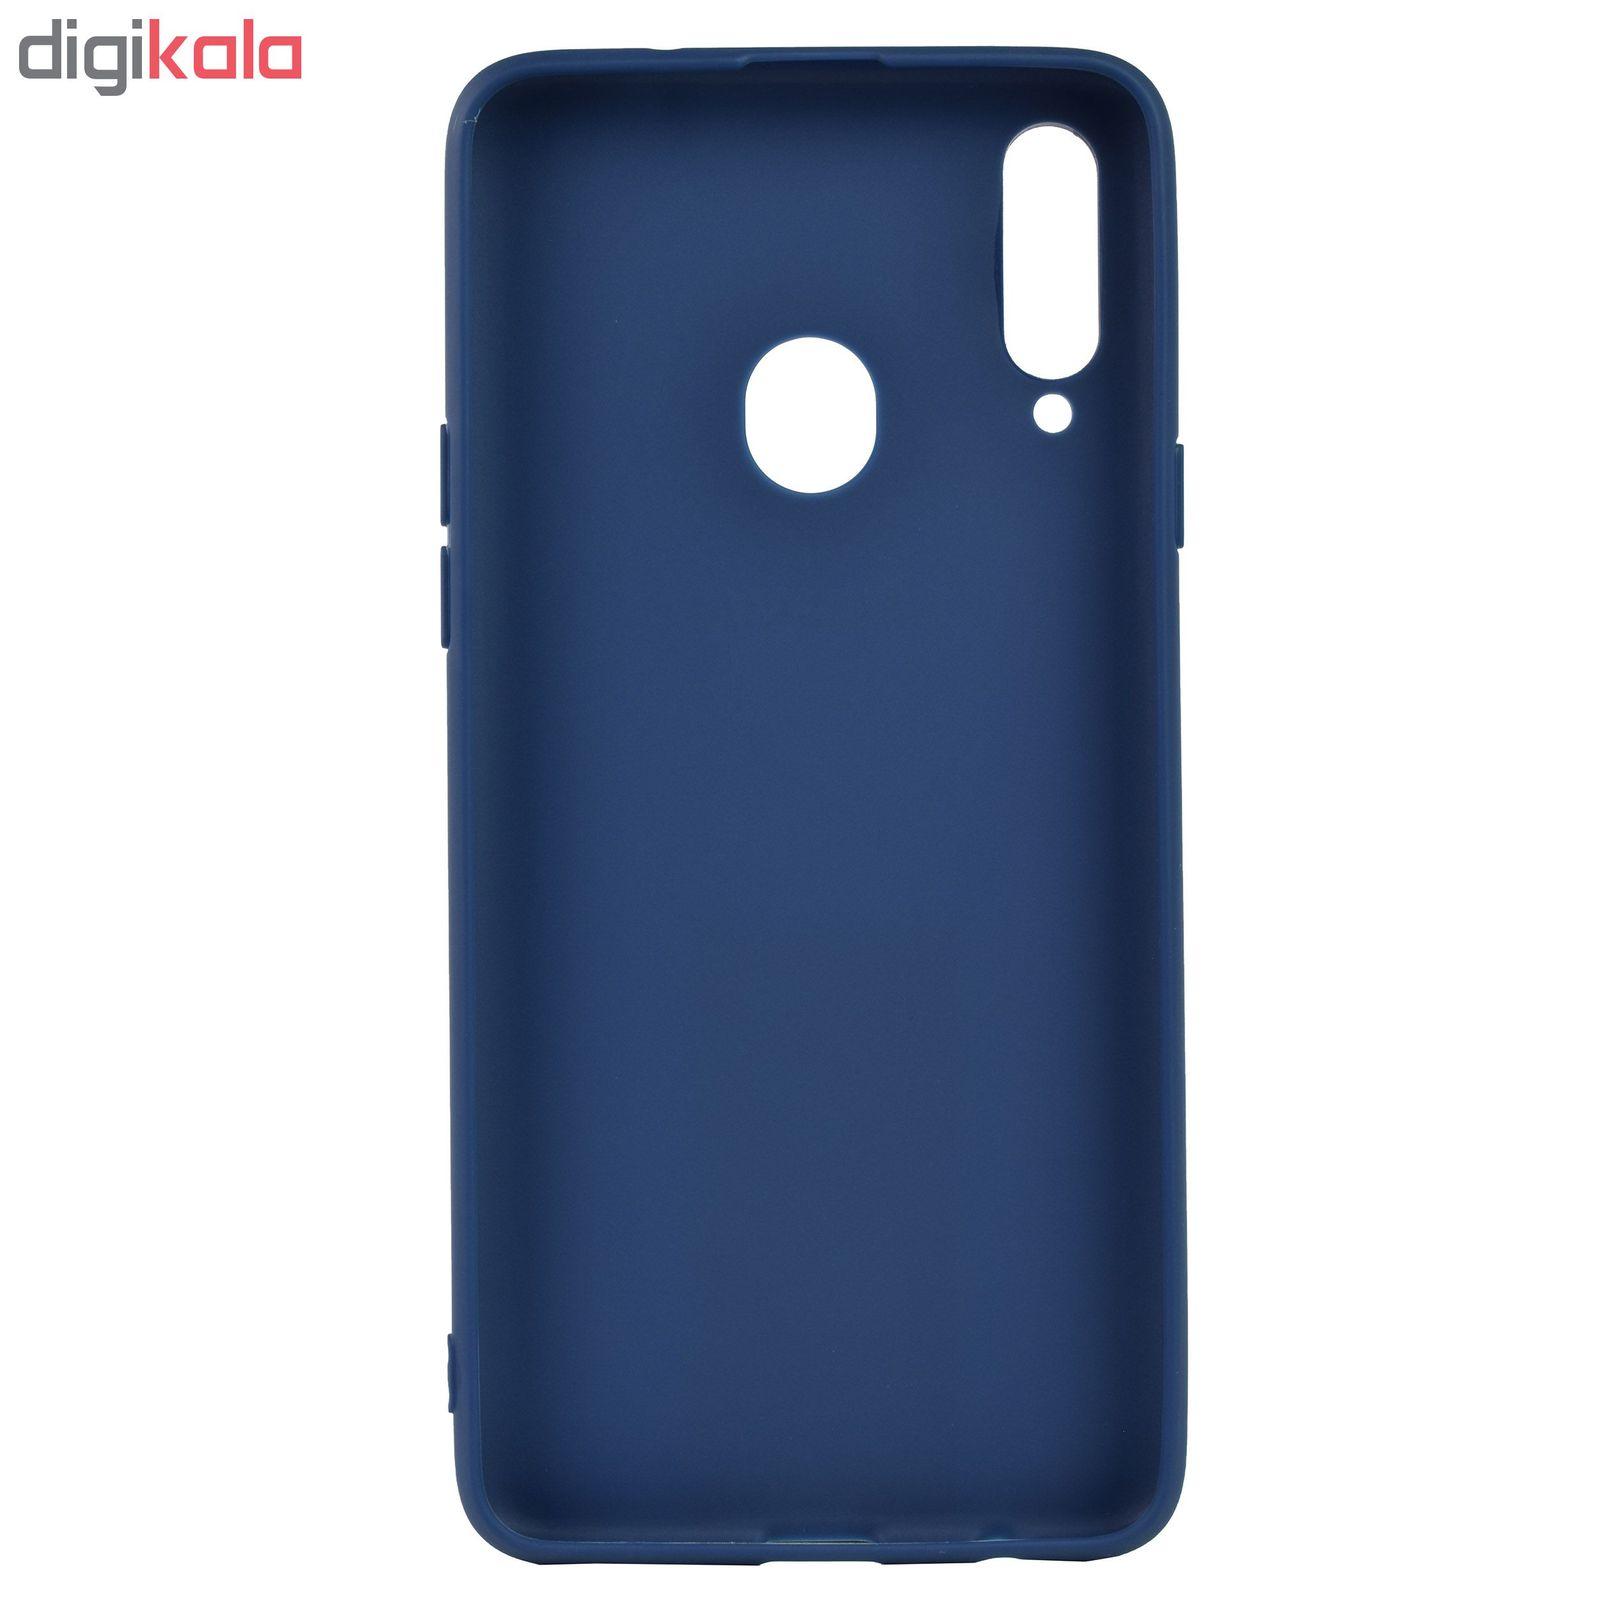 کاور مدل SC20 مناسب برای گوشی موبایل سامسونگ Galaxy A20s main 1 10